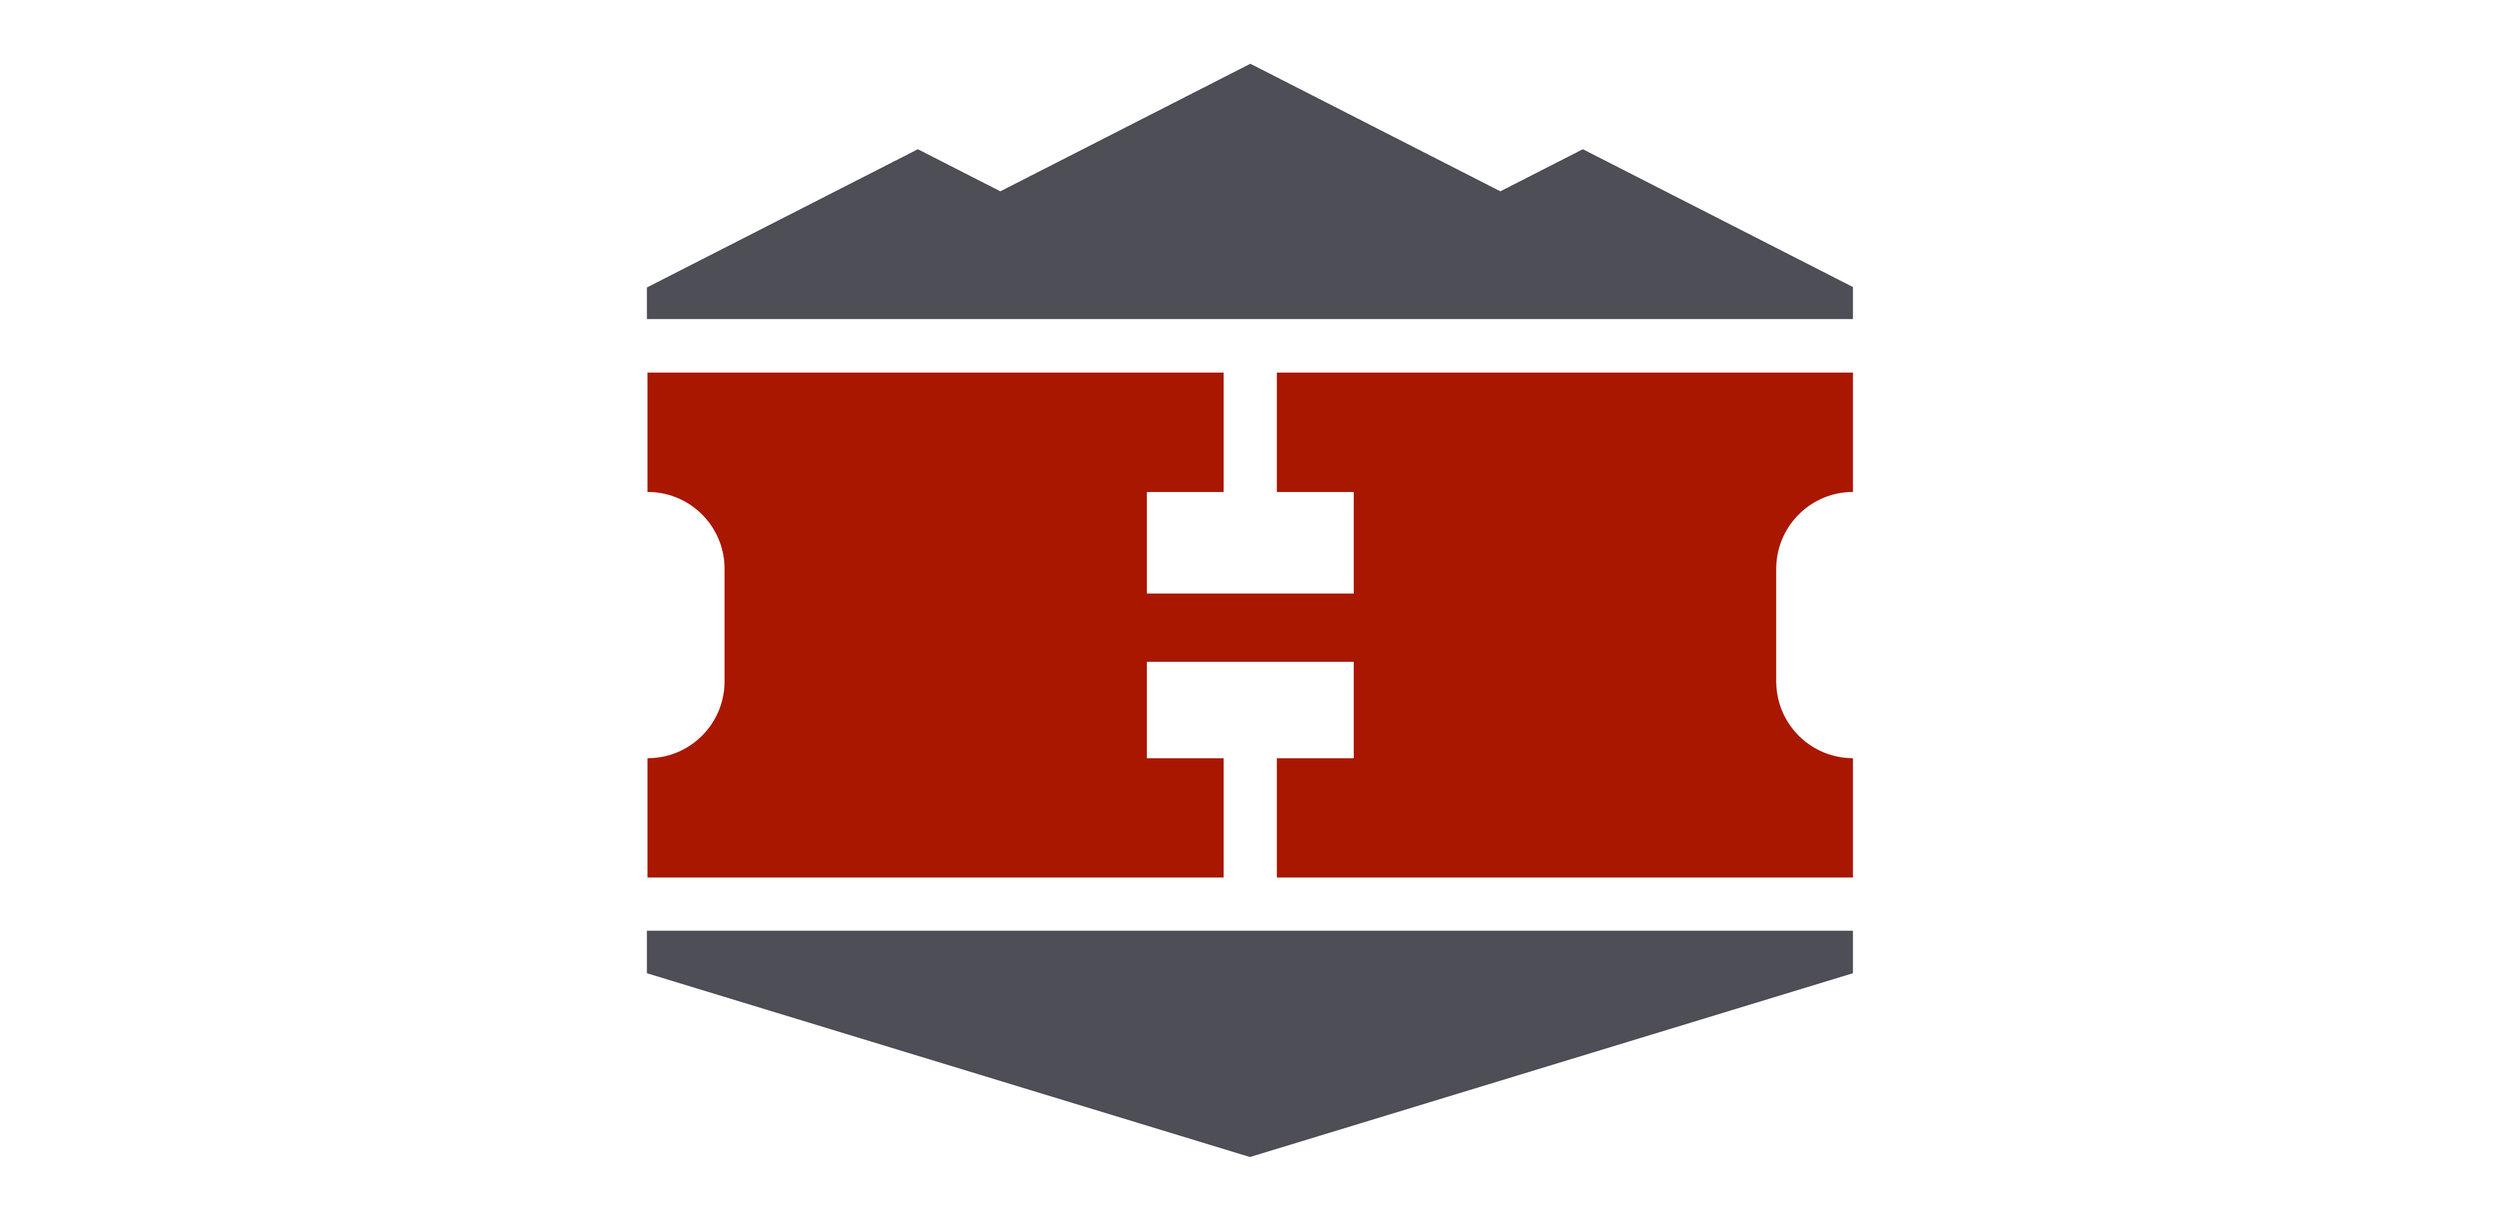 hendrix-keg-3.jpg